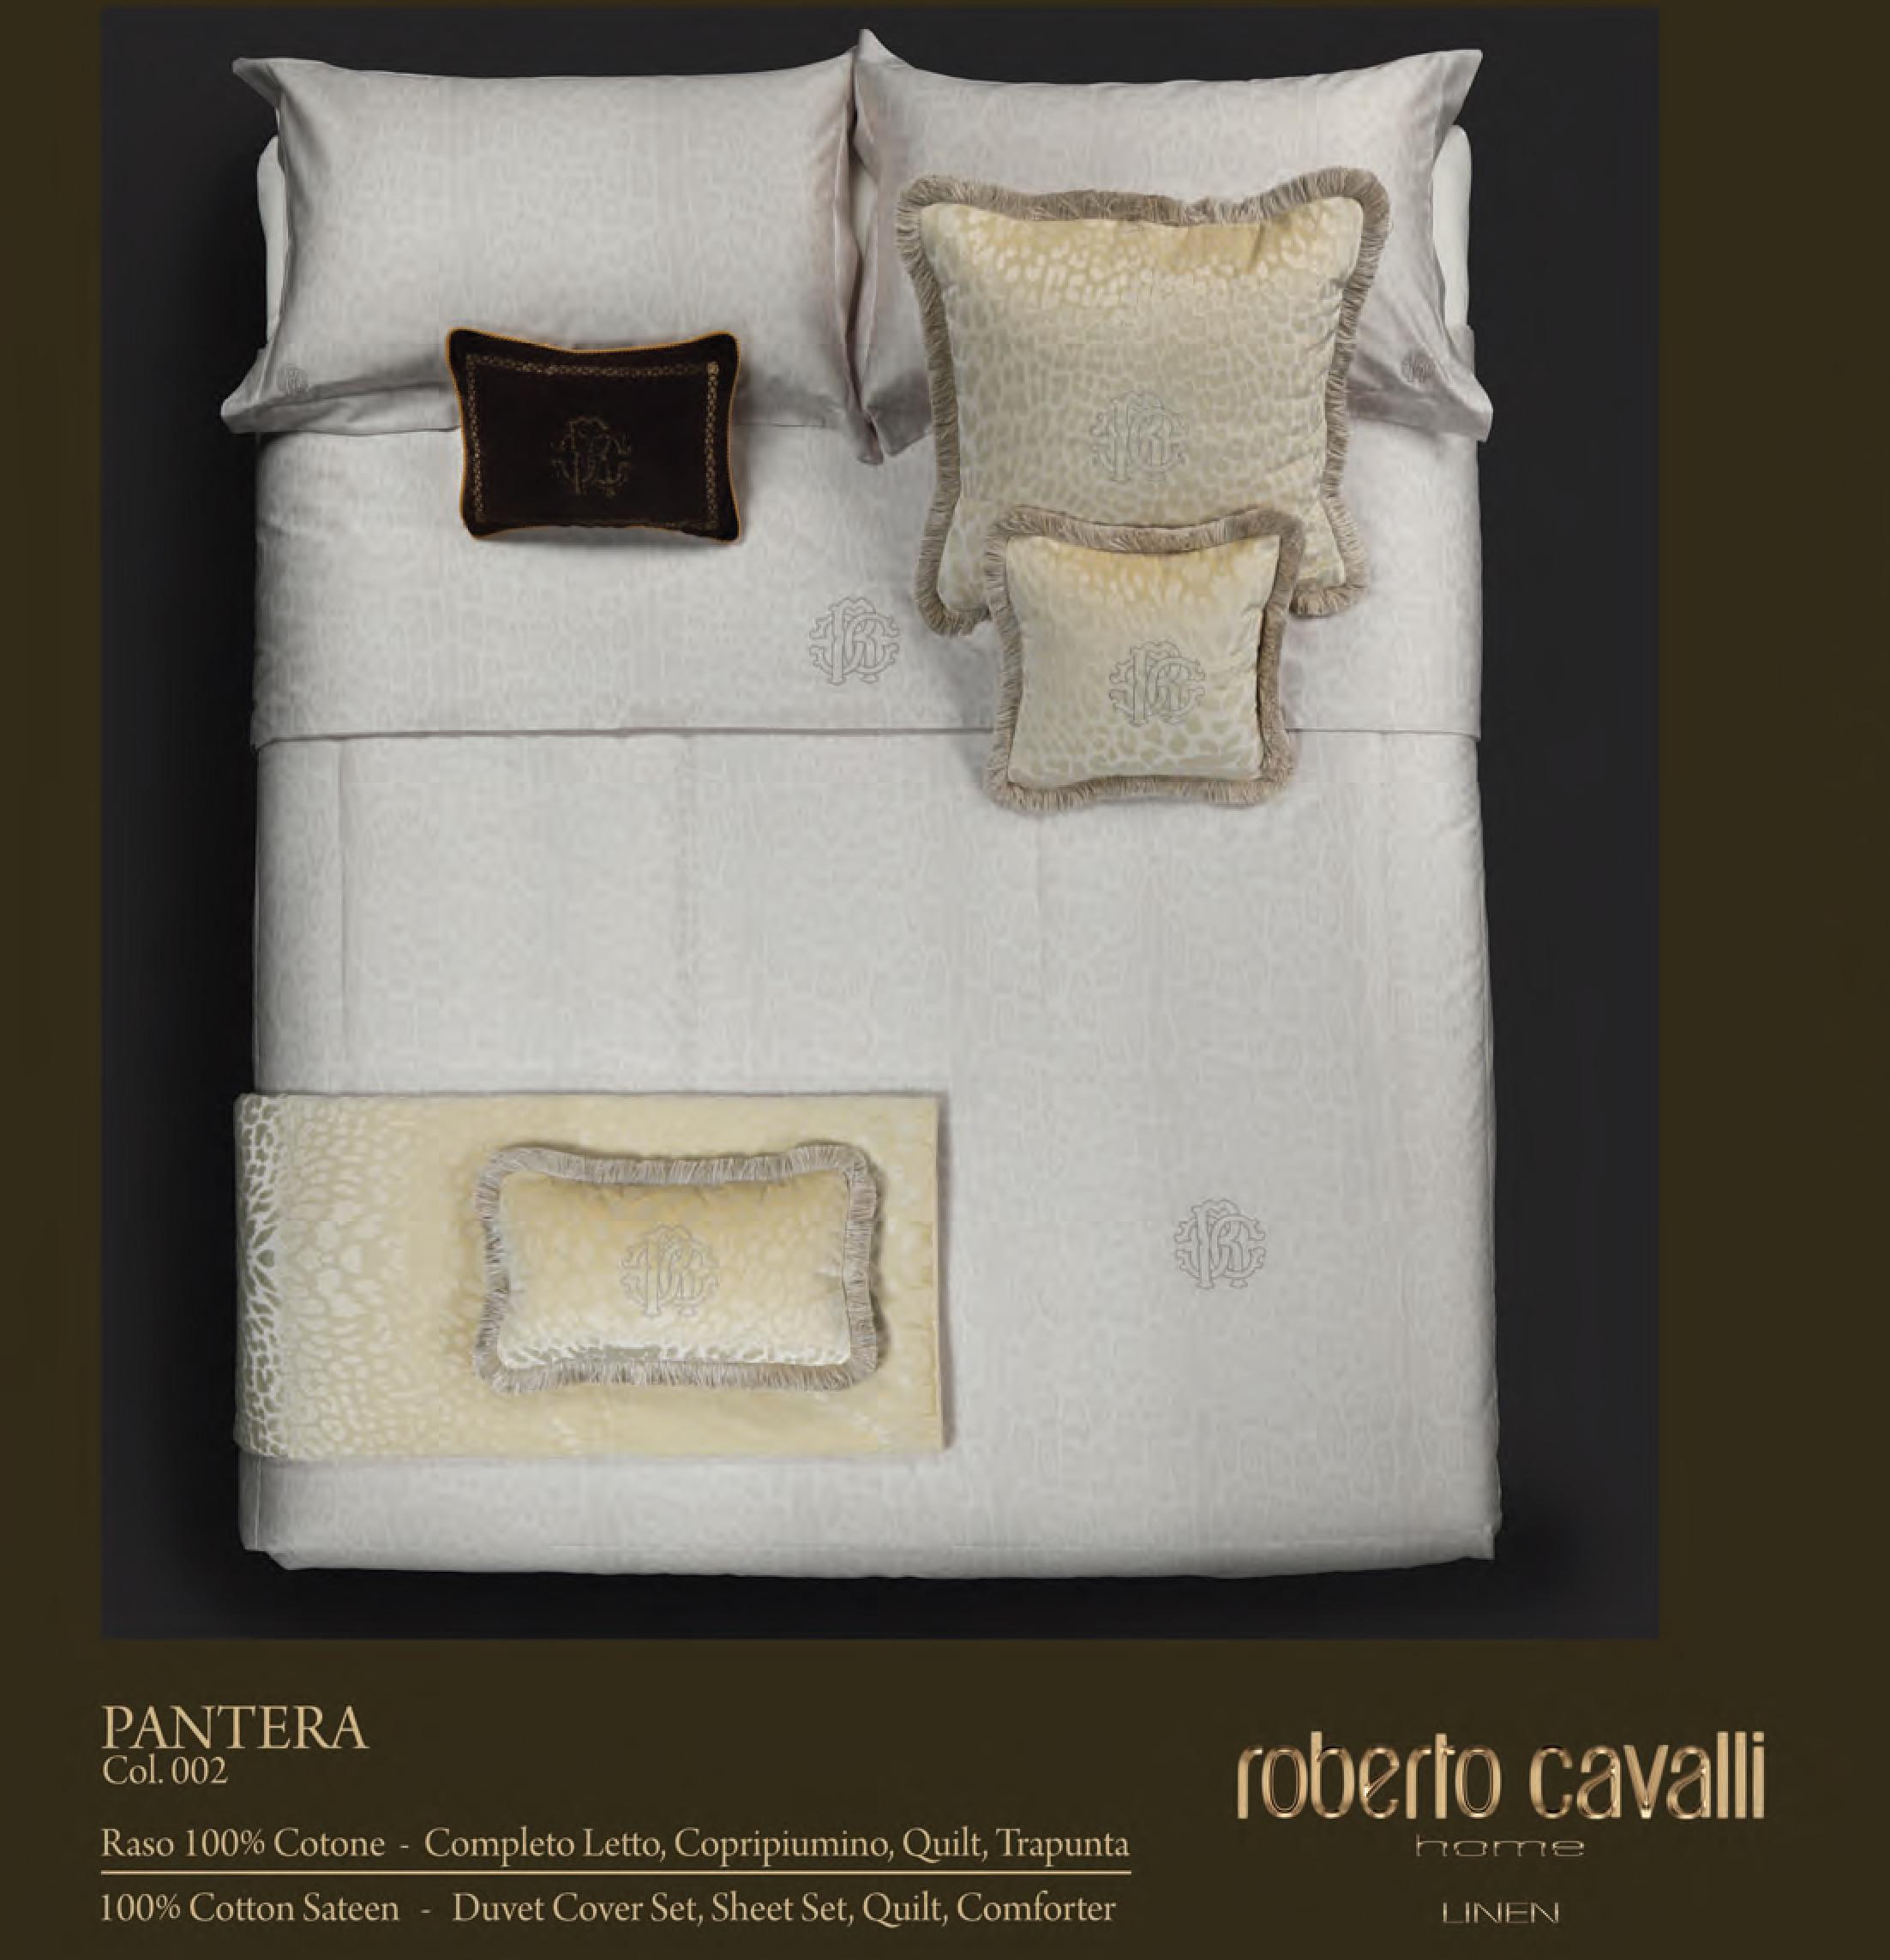 Copripiumino Matrimoniale Con Cavalli.Collezione Pantera Roberto Cavalli Home In Omaggio Set Spugna 1